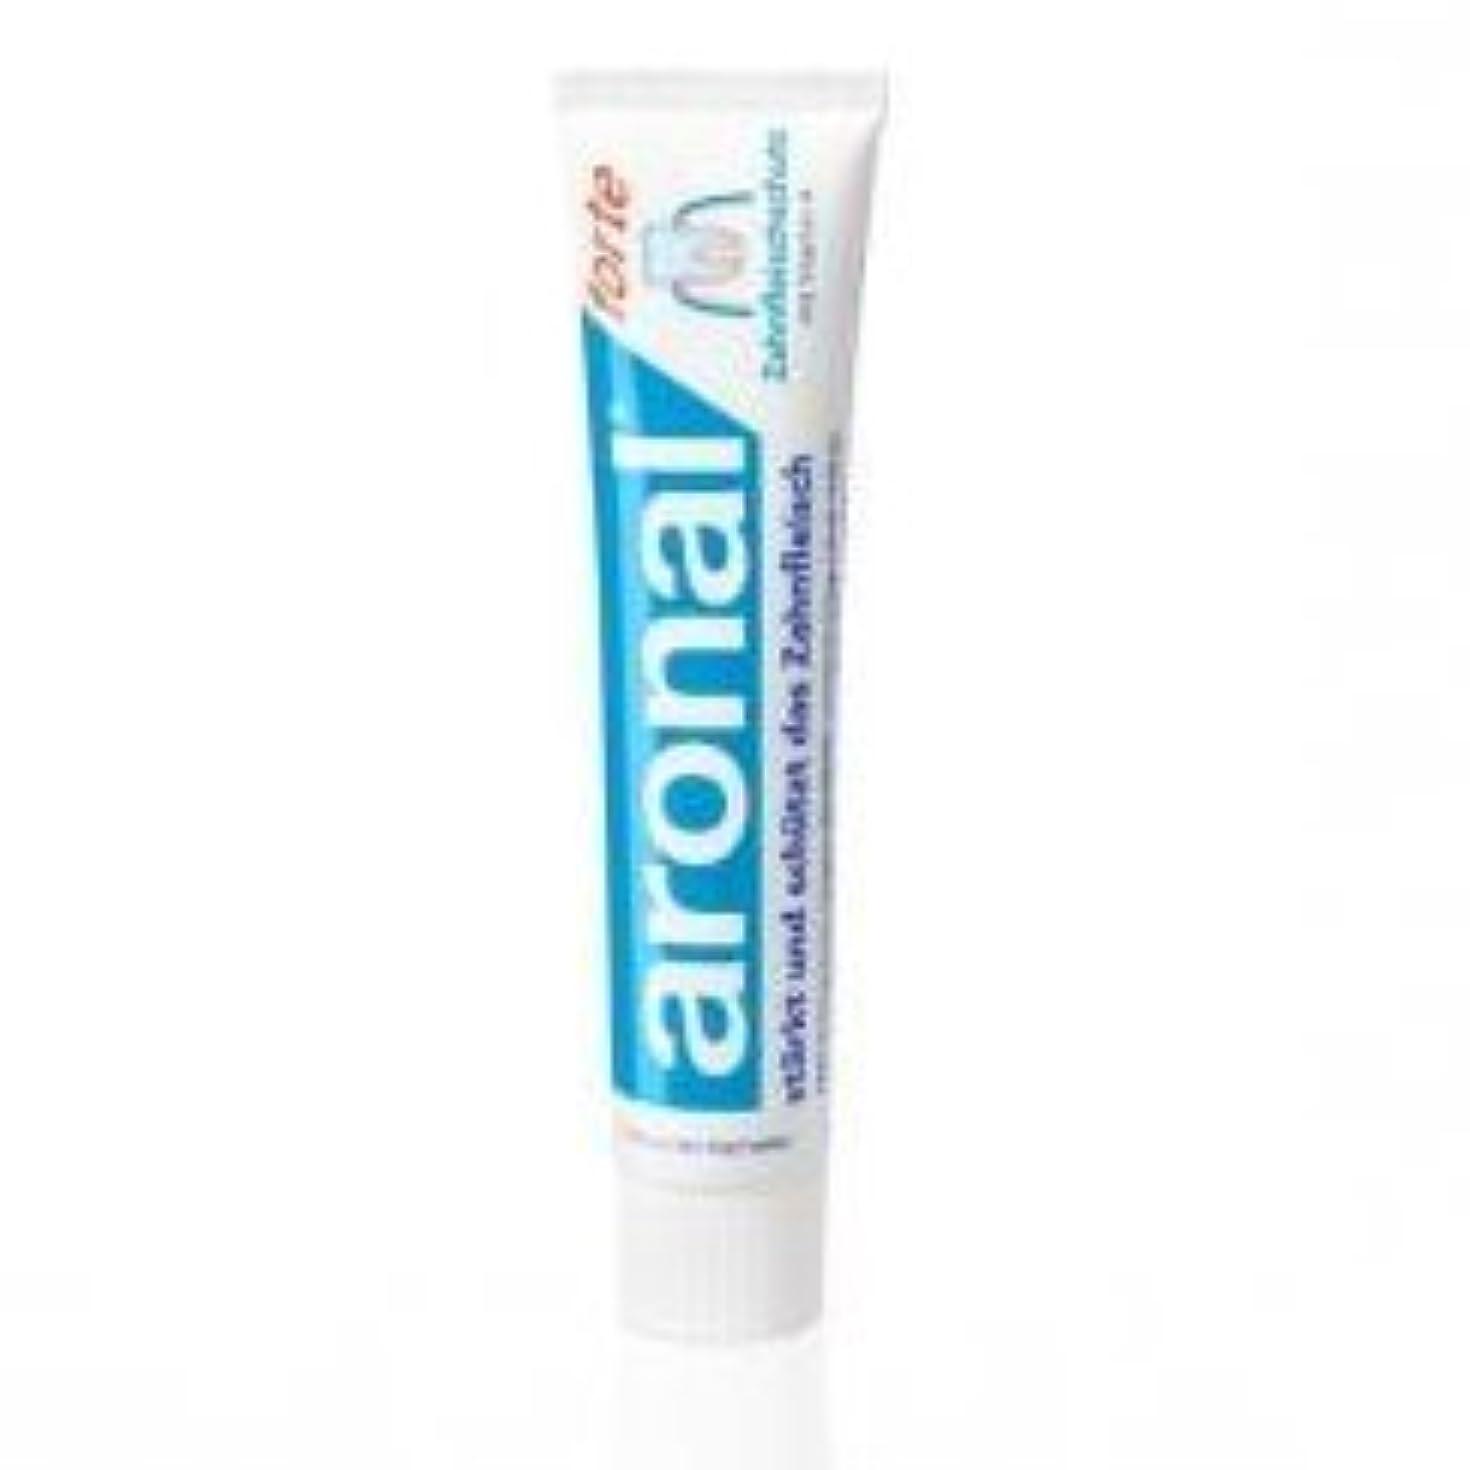 周りミサイルただアロナール(ビタミンA配合) 歯磨き粉 75ml x 1Pack (elmex aronal toothpaste 75ml) 【並行輸入品】